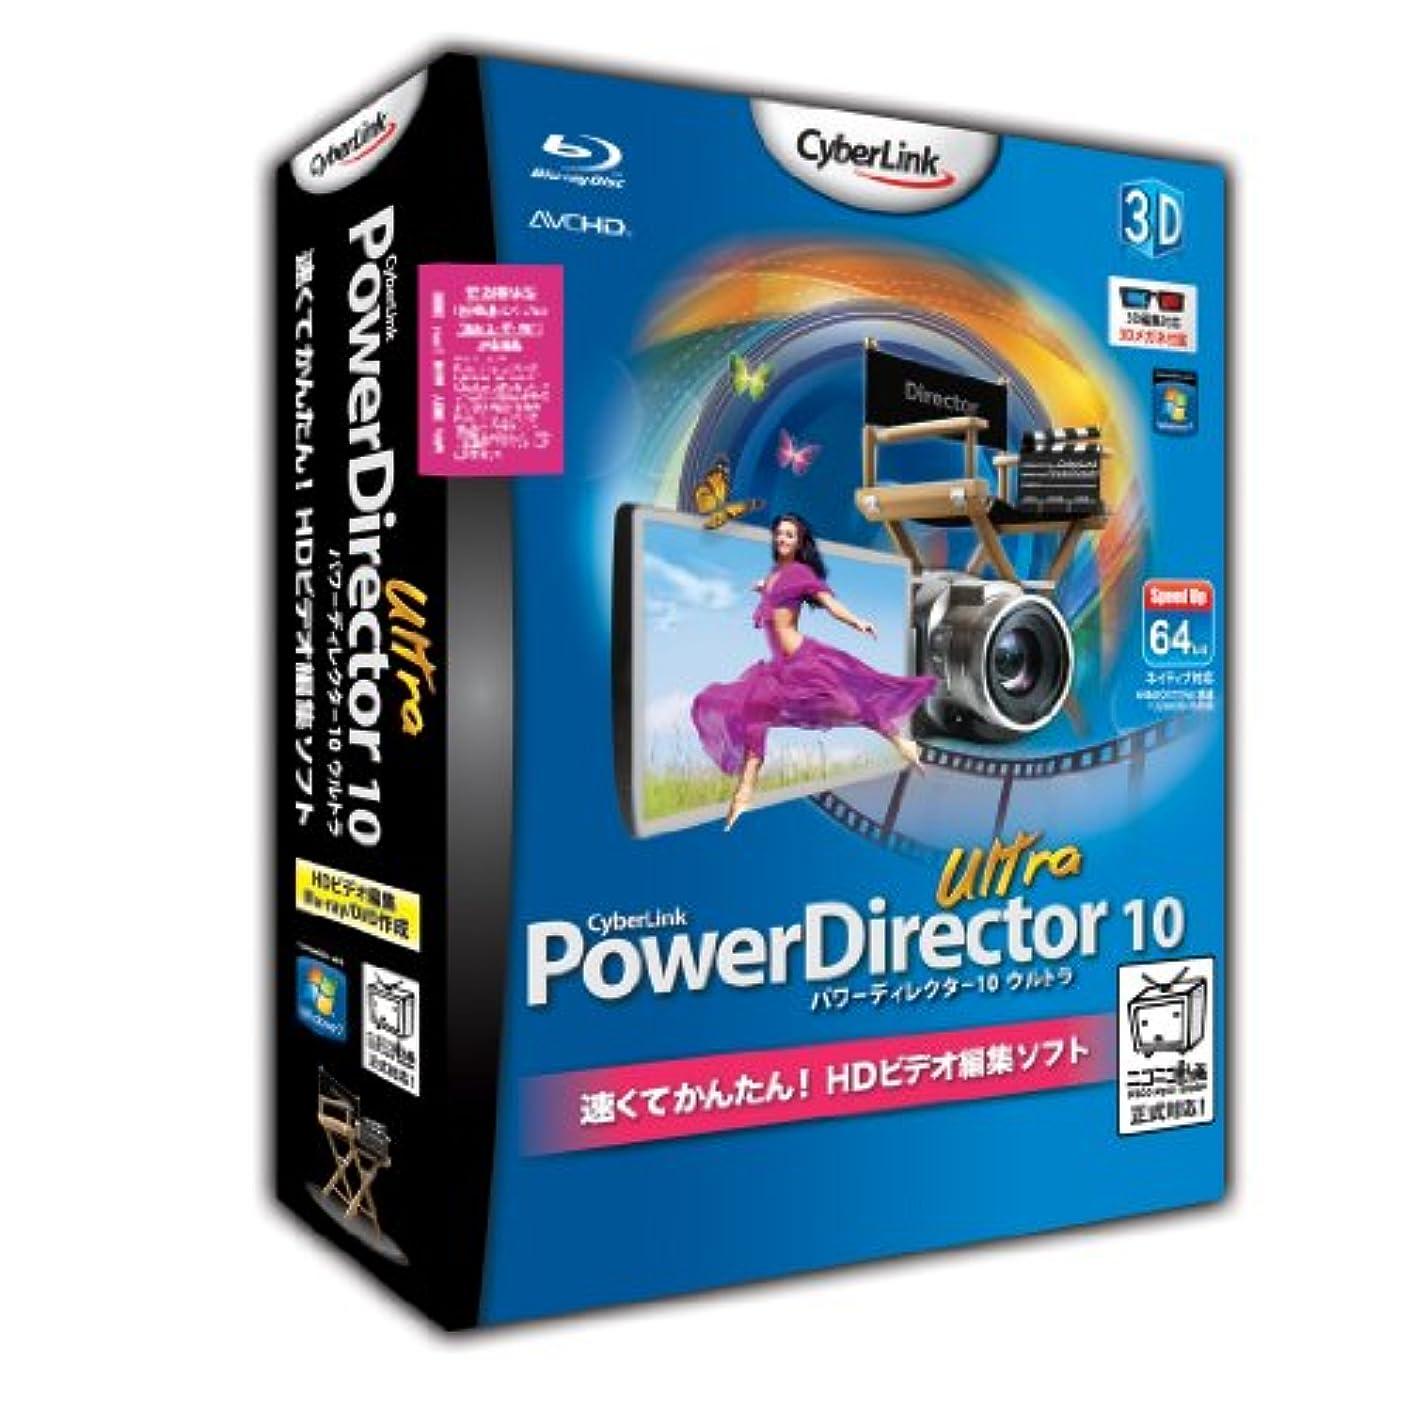 まっすぐにする巨大なポータブルPowerDirector10 Ultra 特別優待版